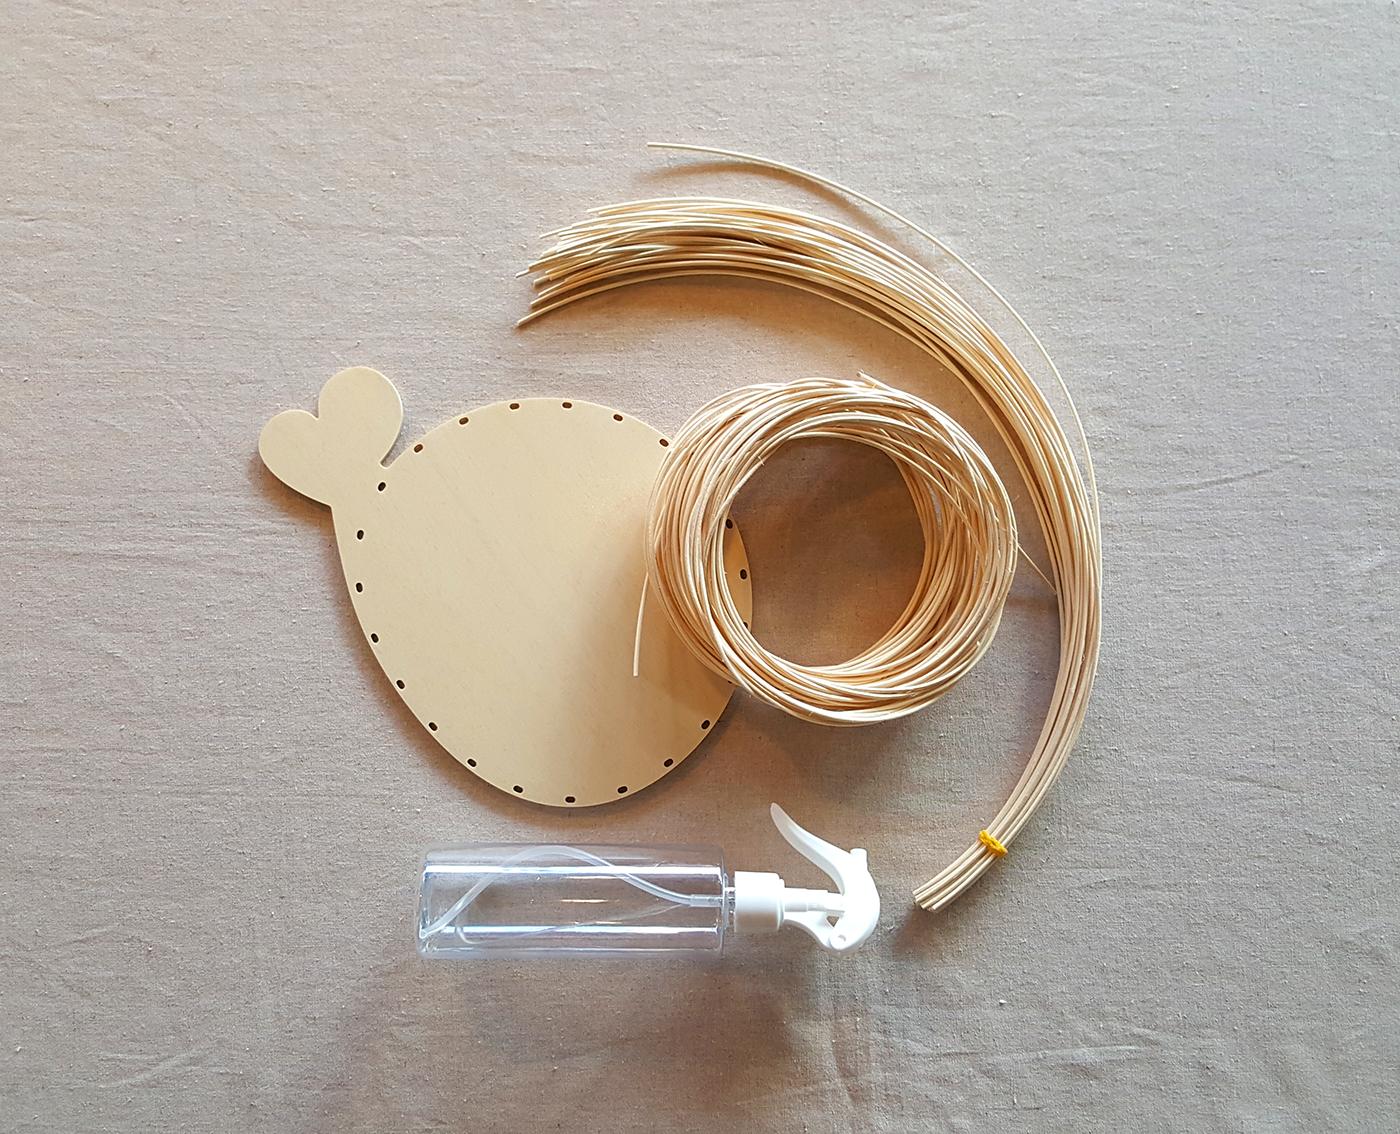 라탄 트레이 DIY 키트(고양이/고래) 상세이미지5